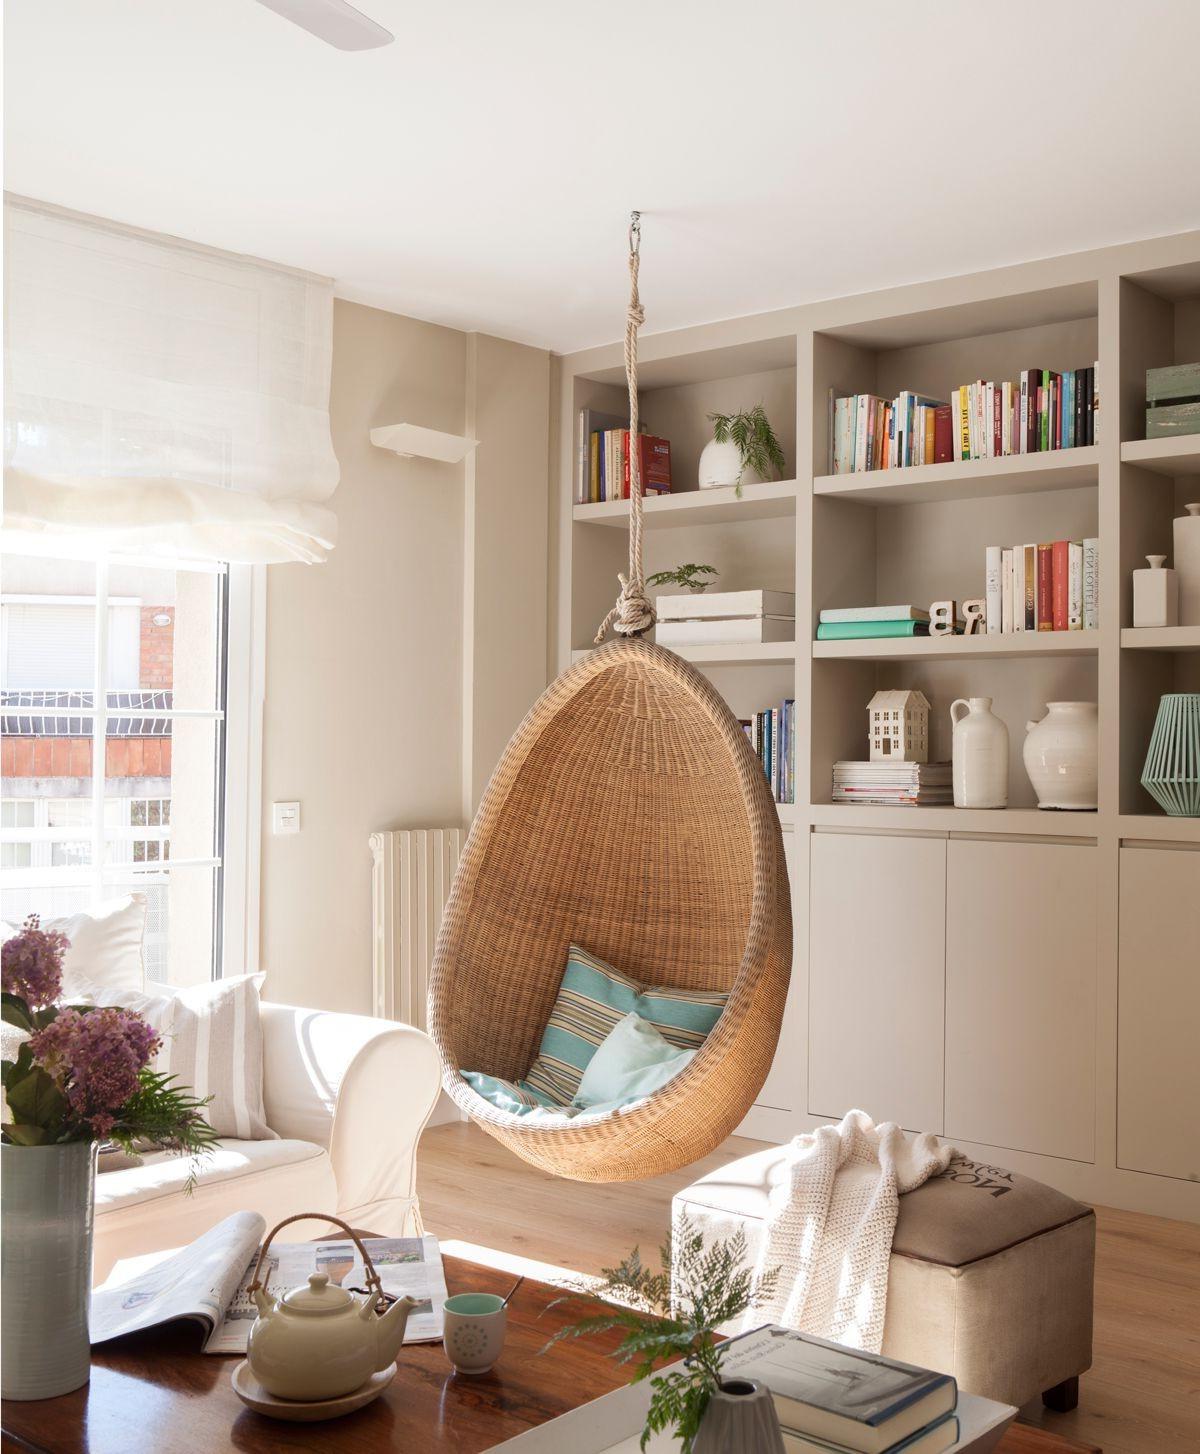 Sillon Pequeño Para Dormitorio Gdd0 Sillas Modernas Para Habitacion Sillon Dormitorio Moderno Amazing